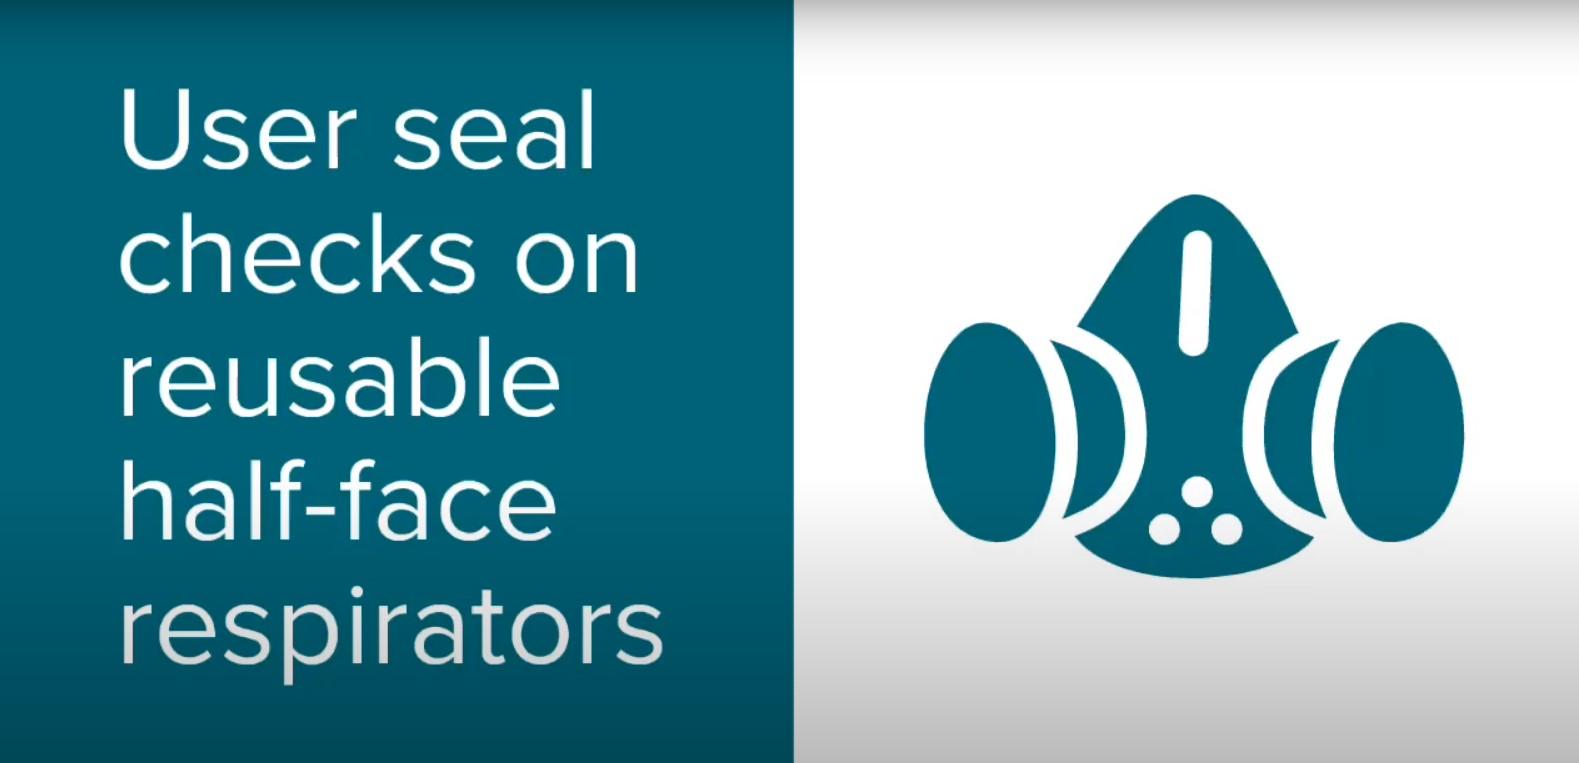 User Seal Checks for Reusable Half-Face Respirators Video